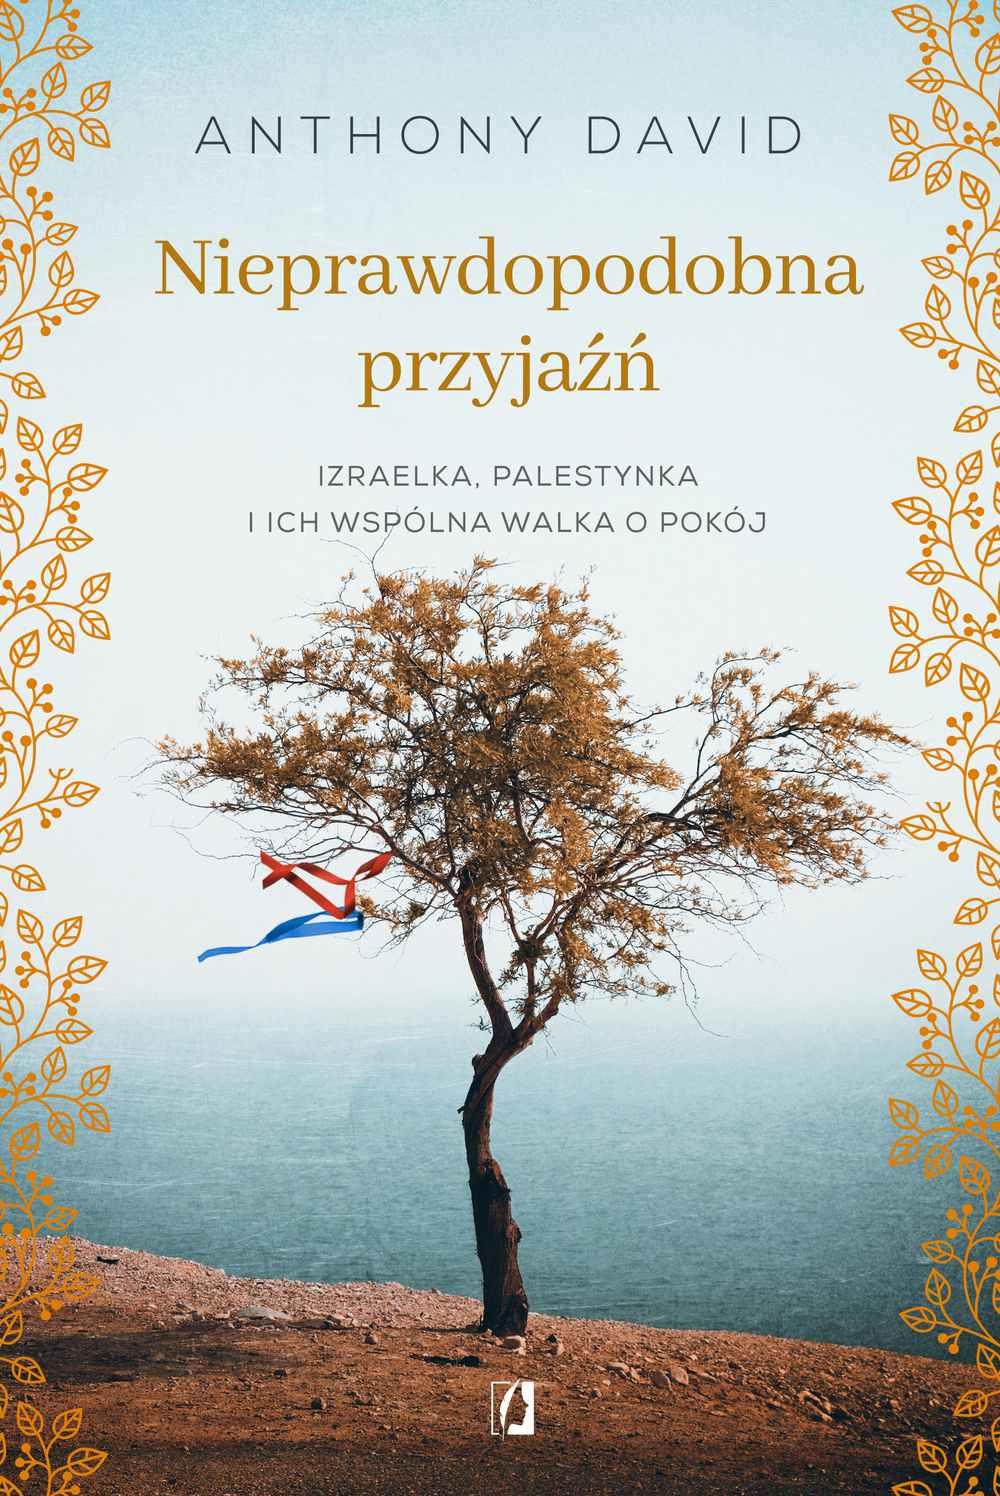 Nieprawdopodobna przyjaźń. Izraelka, Palestynka i ich wspólna walka o pokój - Ebook (Książka na Kindle) do pobrania w formacie MOBI